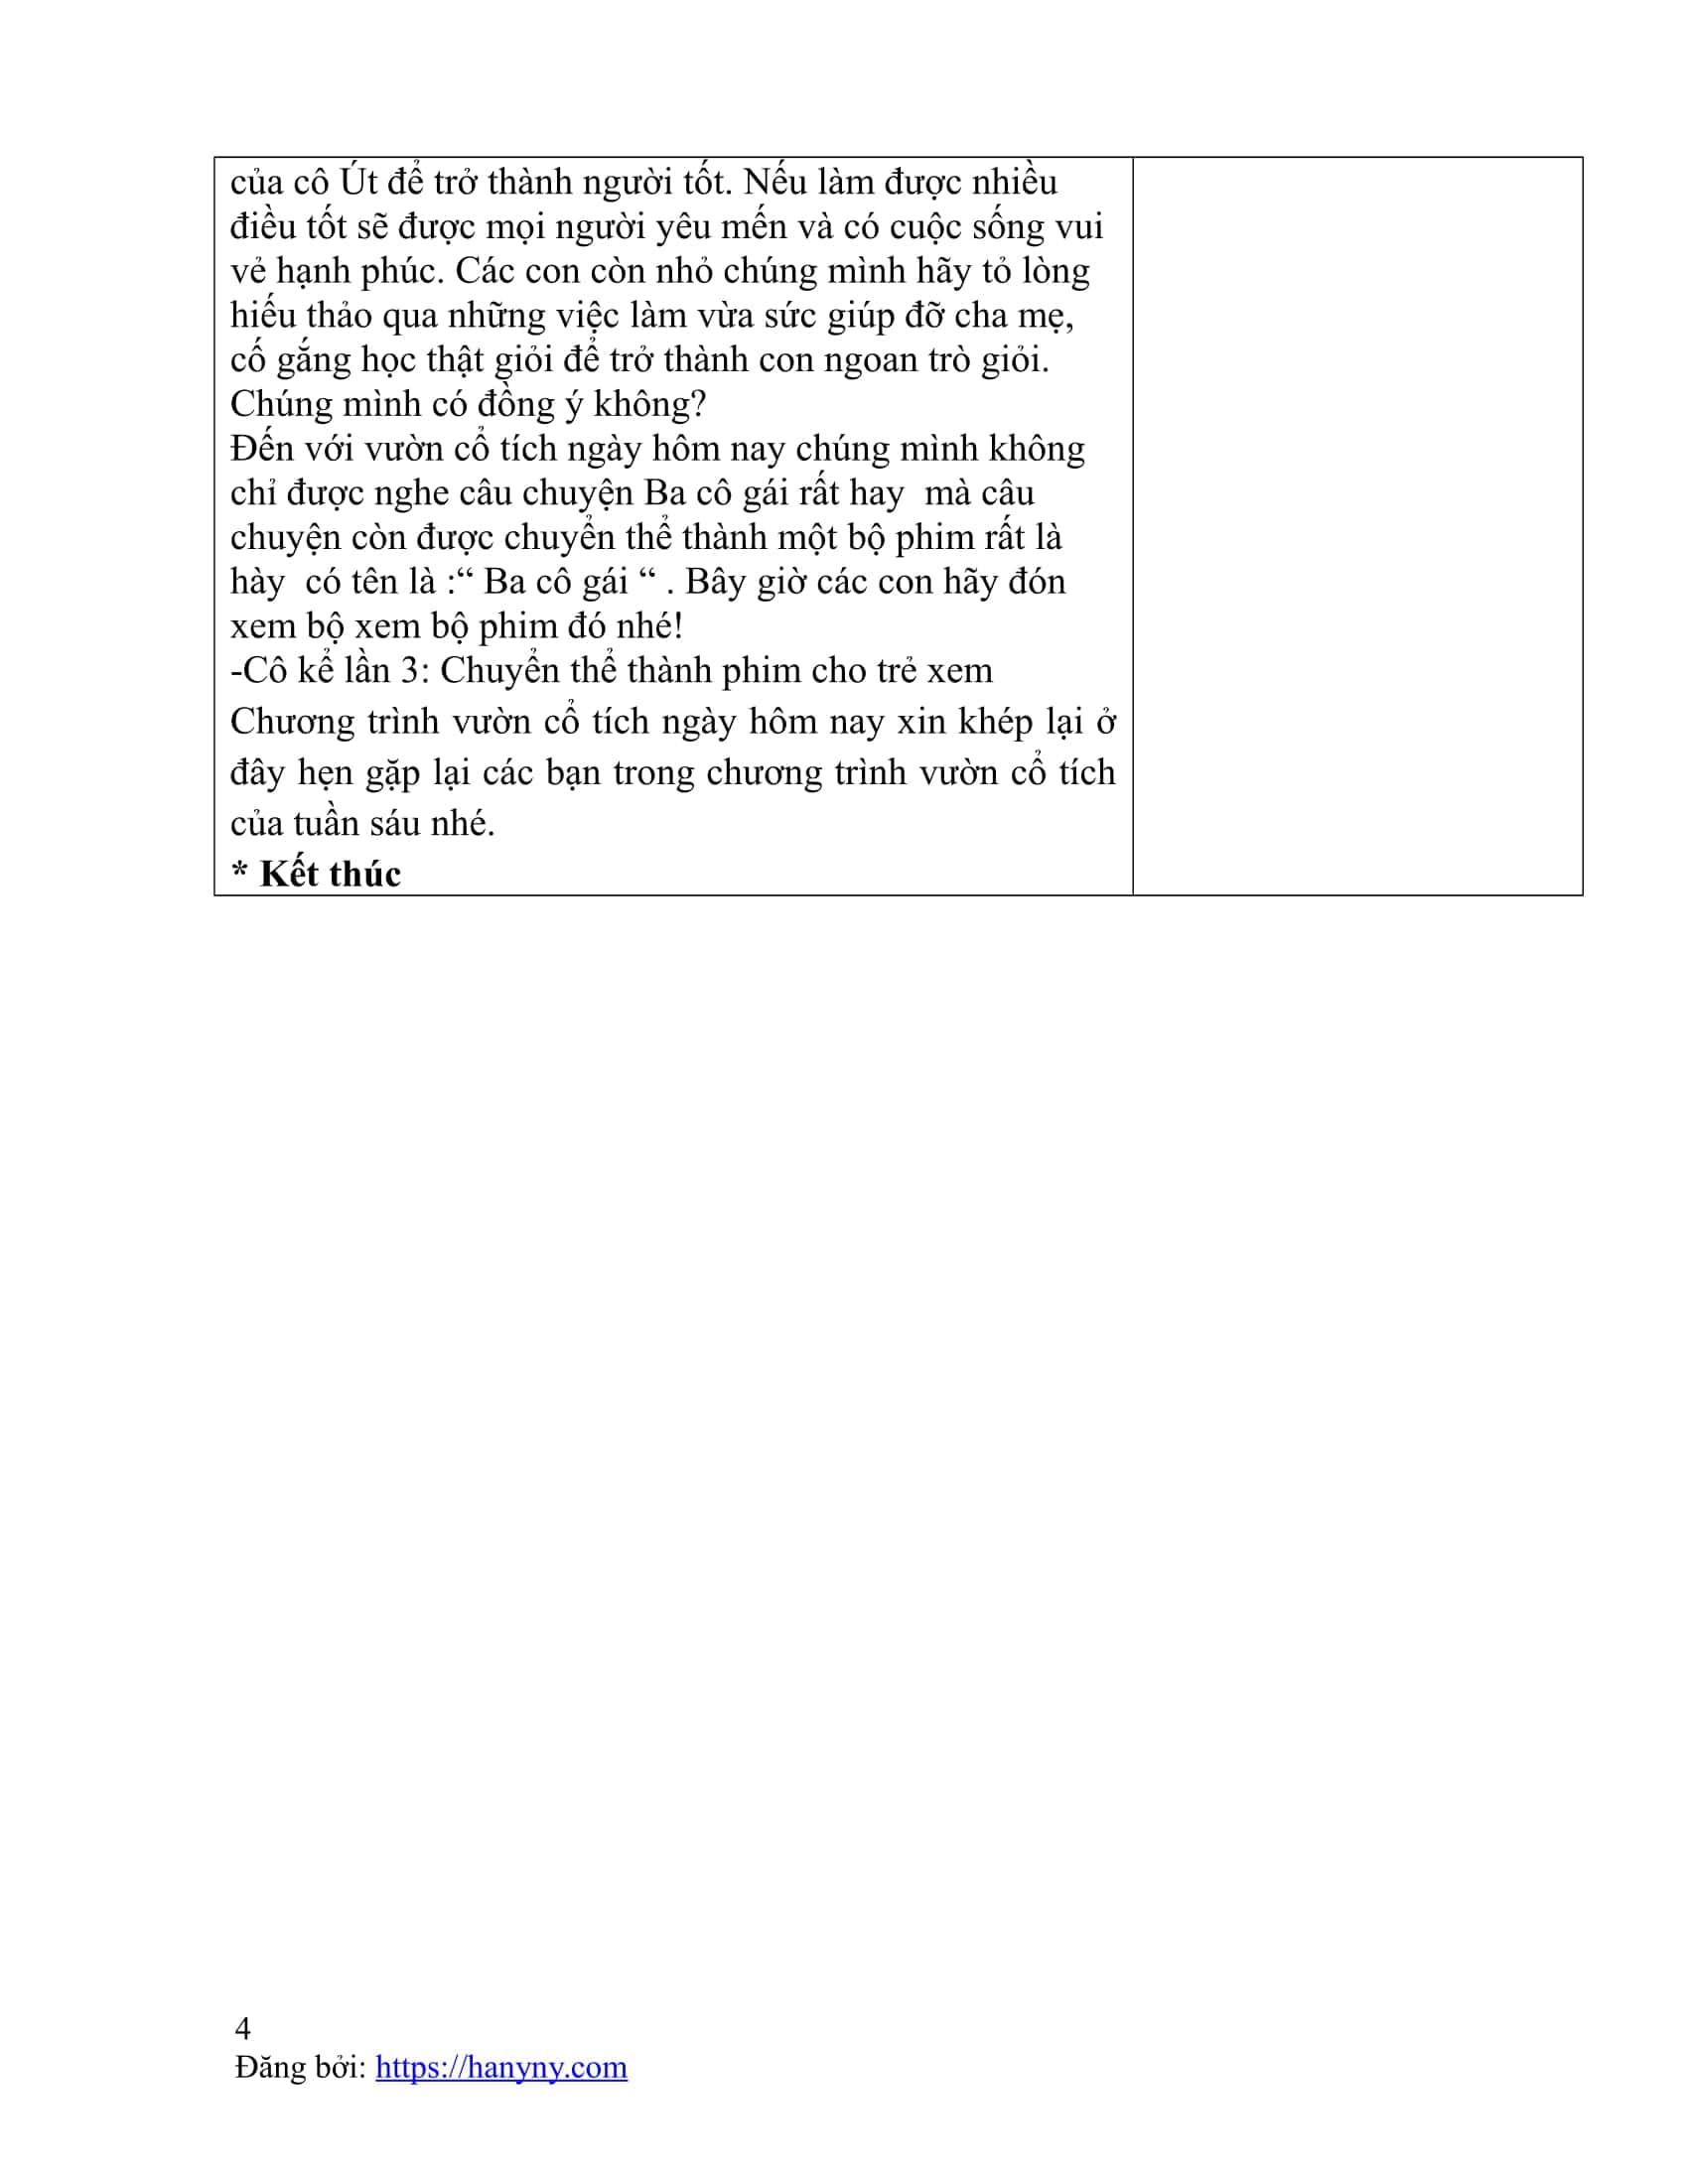 Giáo án kể chuyện cho trẻ nghe - truyện ba cô gái_trang3